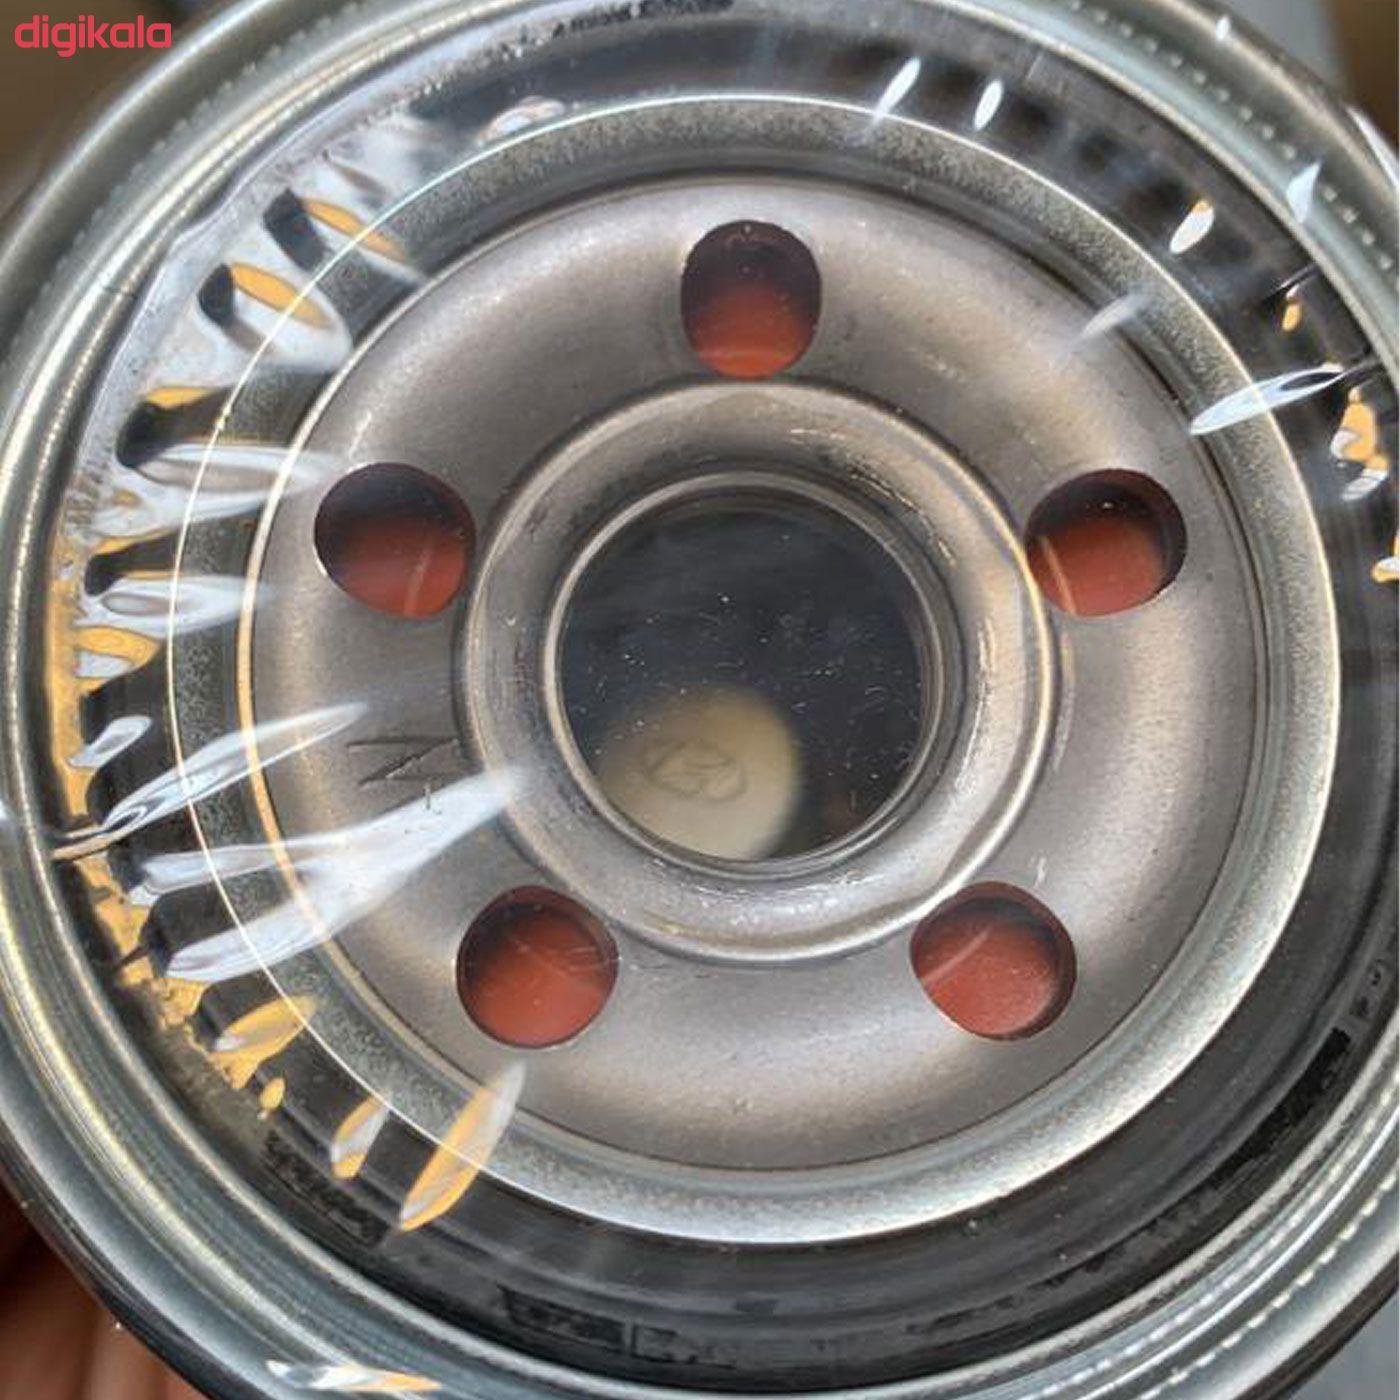 فیلتر روغن خودرو هیوندای جنیون پارتس مدل 35505 مناسب برای هیوندای النترا main 1 2